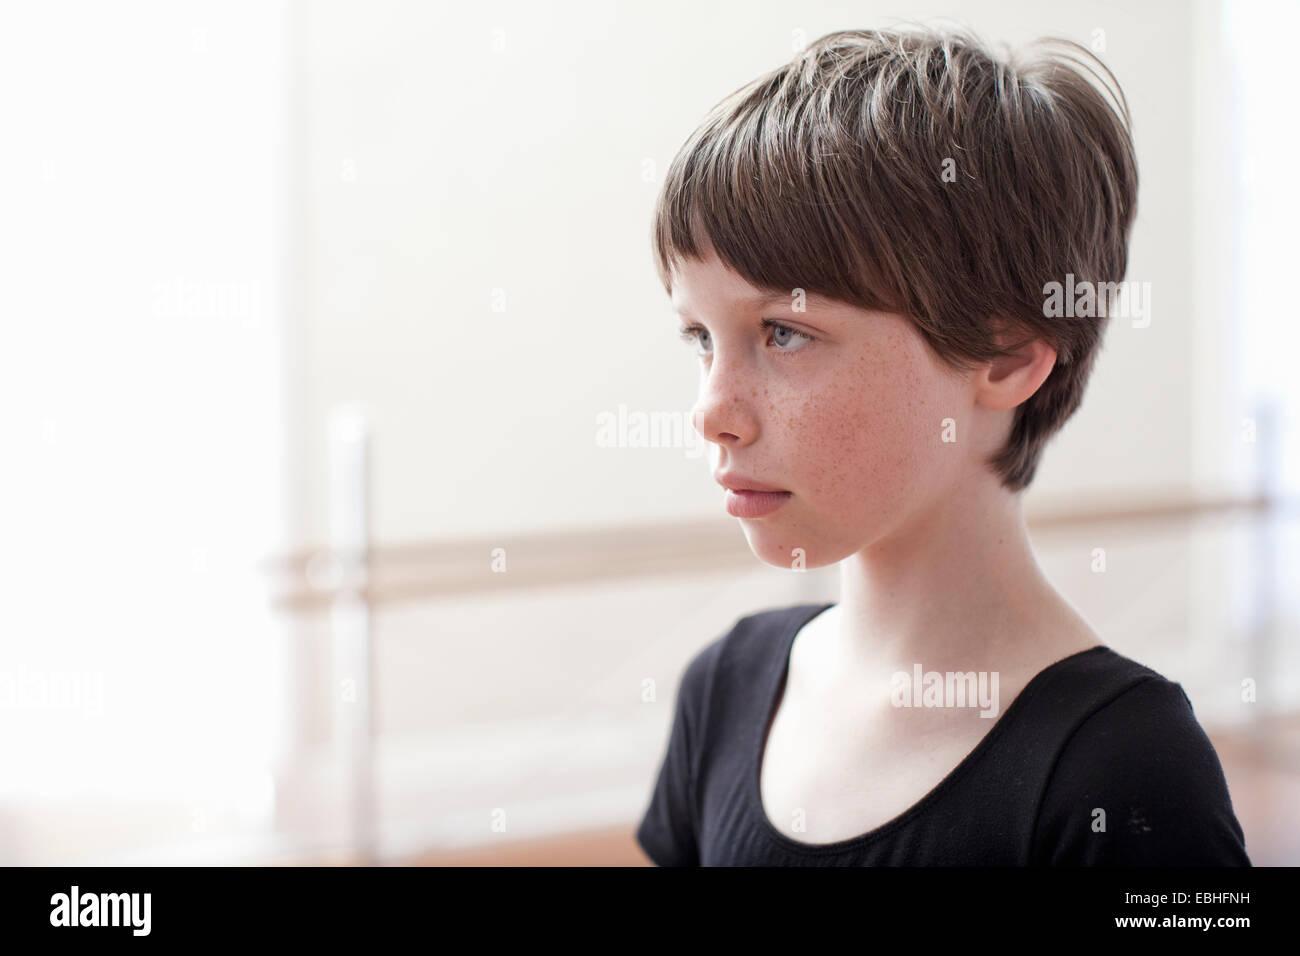 Retrato de sullen girl en ballet school Imagen De Stock